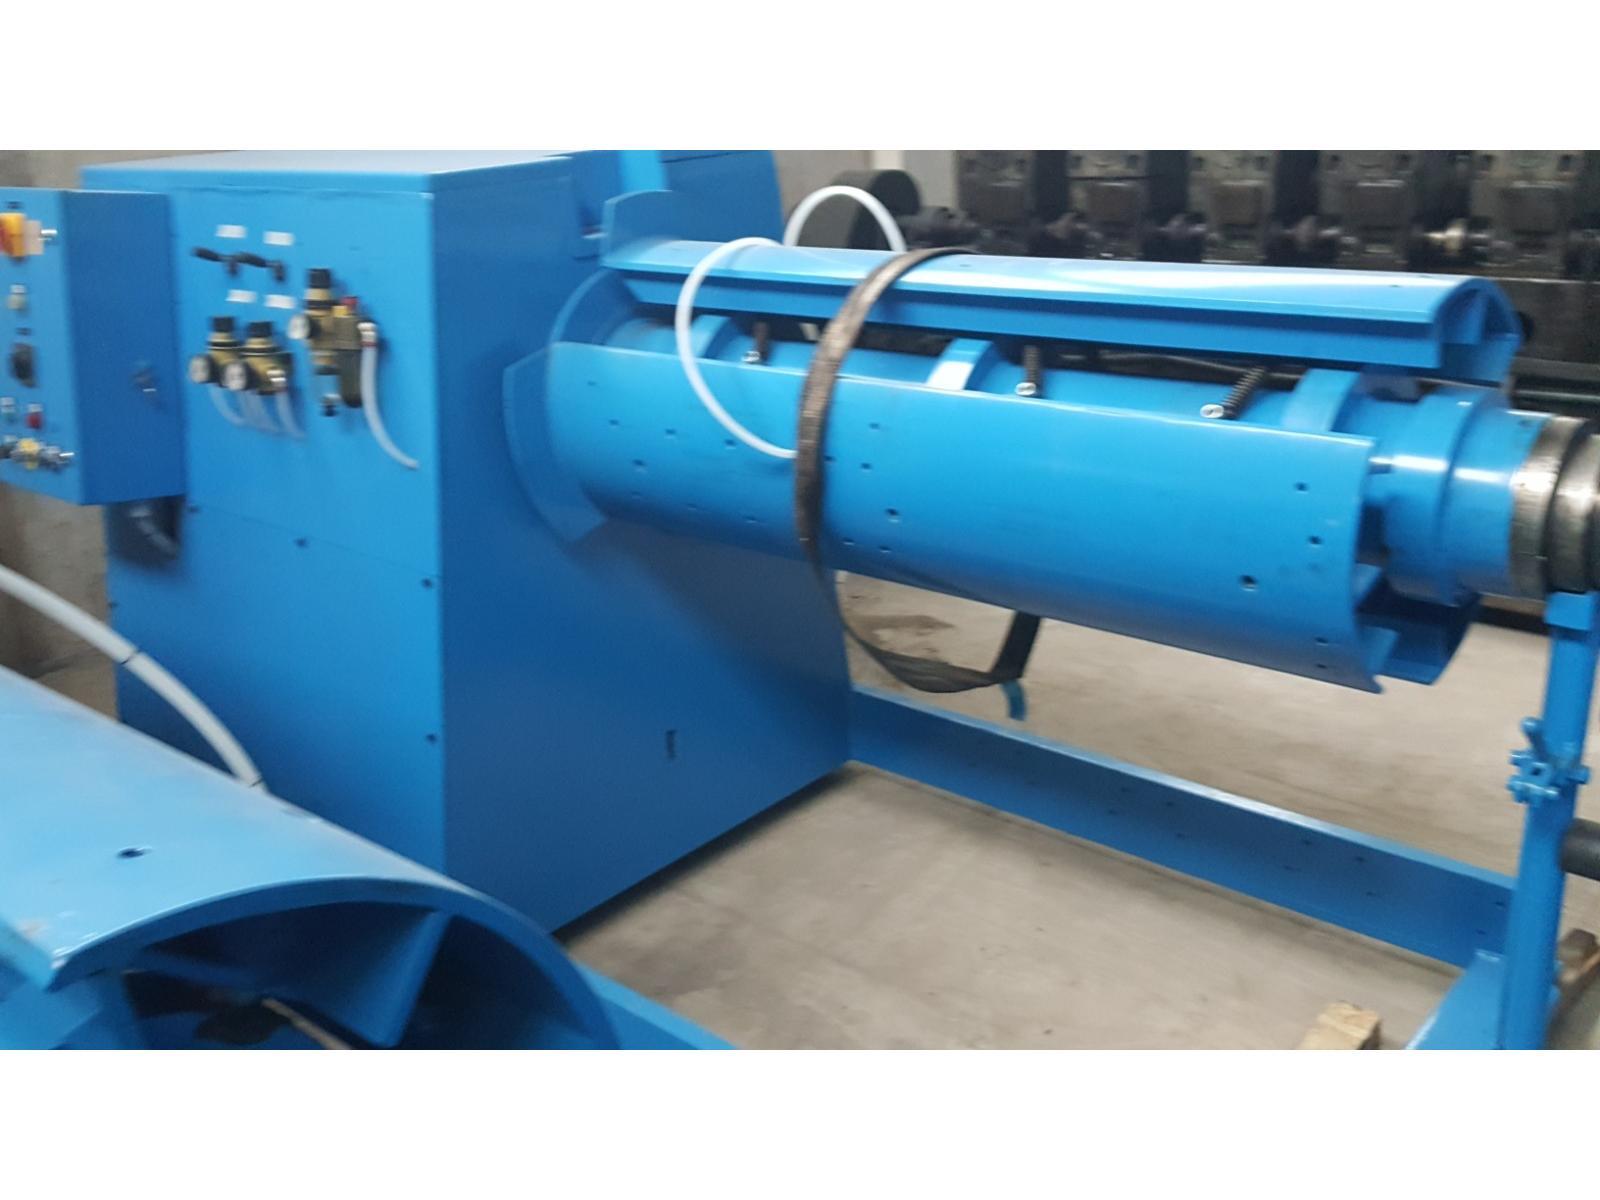 Rewelacyjny Rozwijak nawijak do blach w kręgu 8 ton x 1250mm UF61